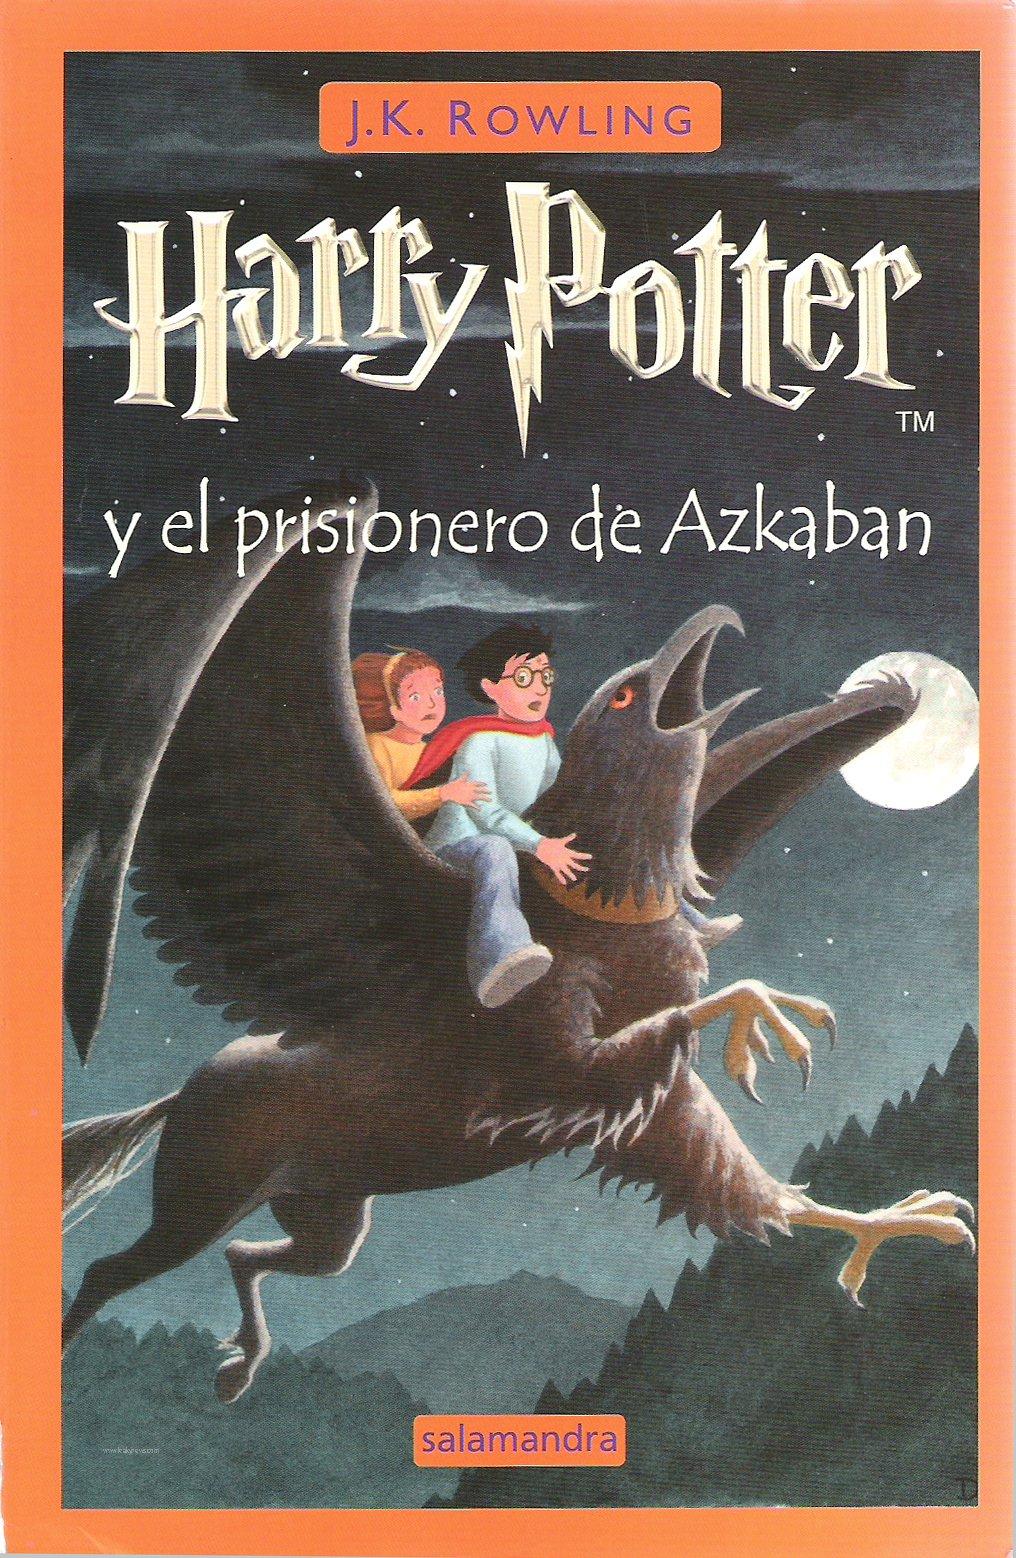 65. Harry Potter and the Prisoner of Azkaban